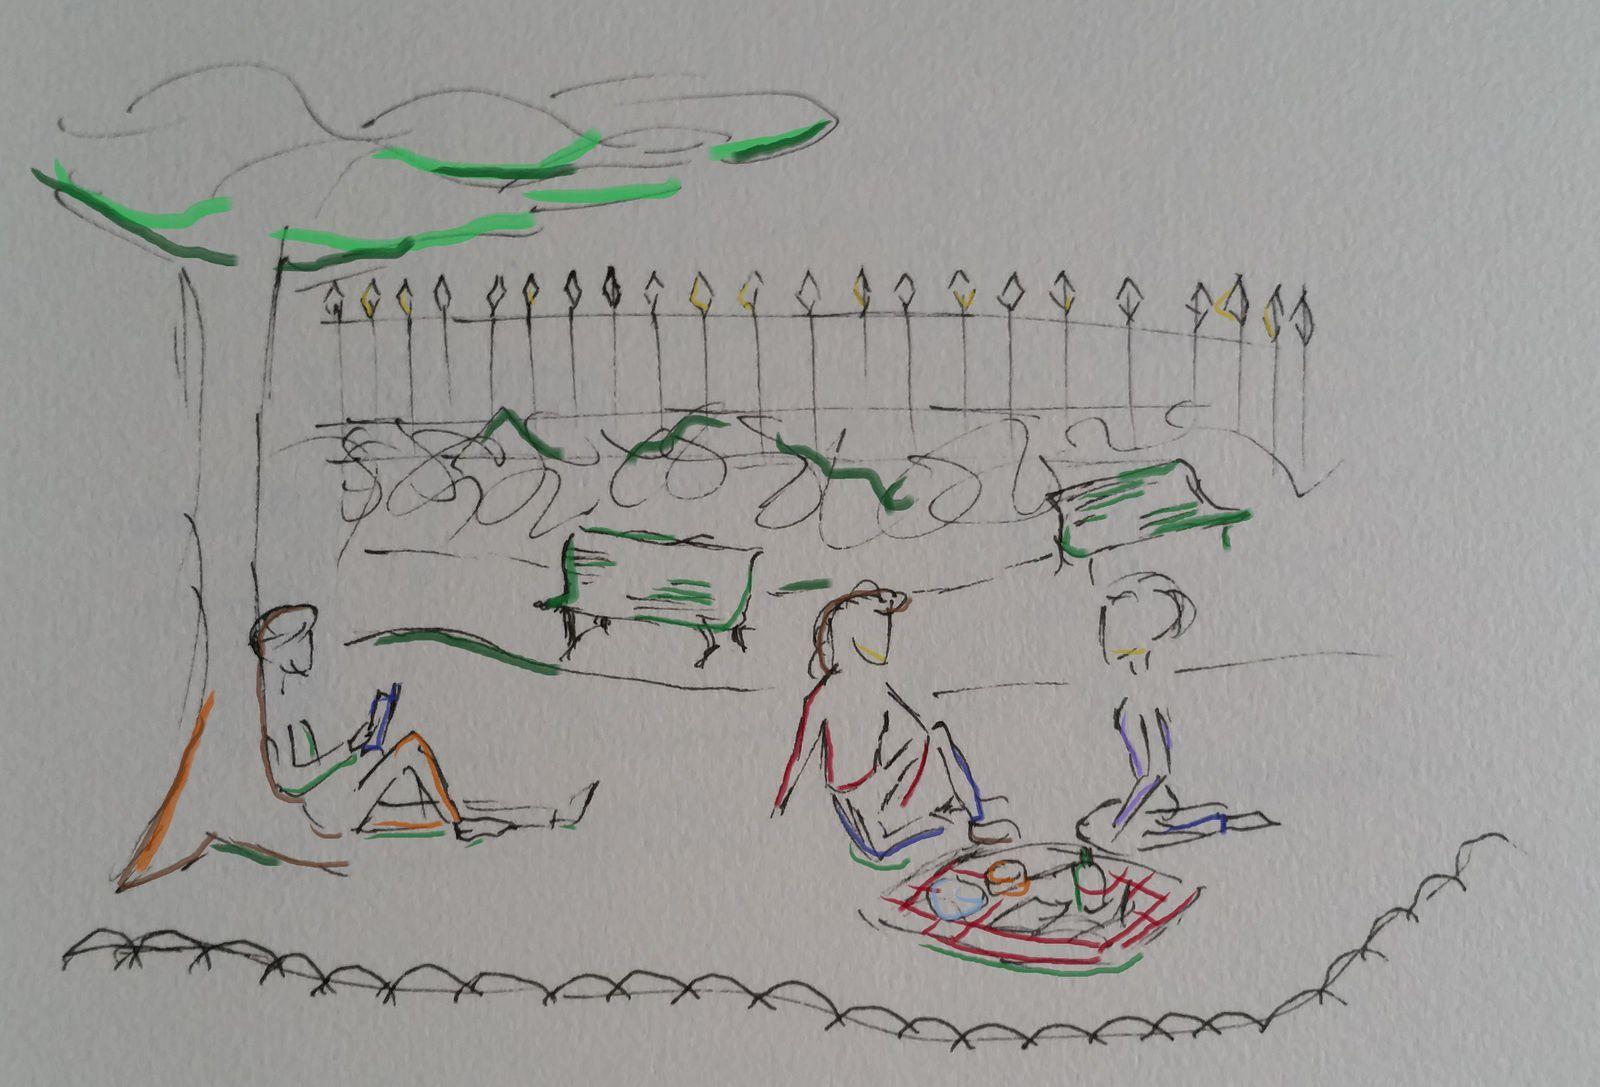 ... Dans les parcs, les flanneurs profitent du beau temps ...